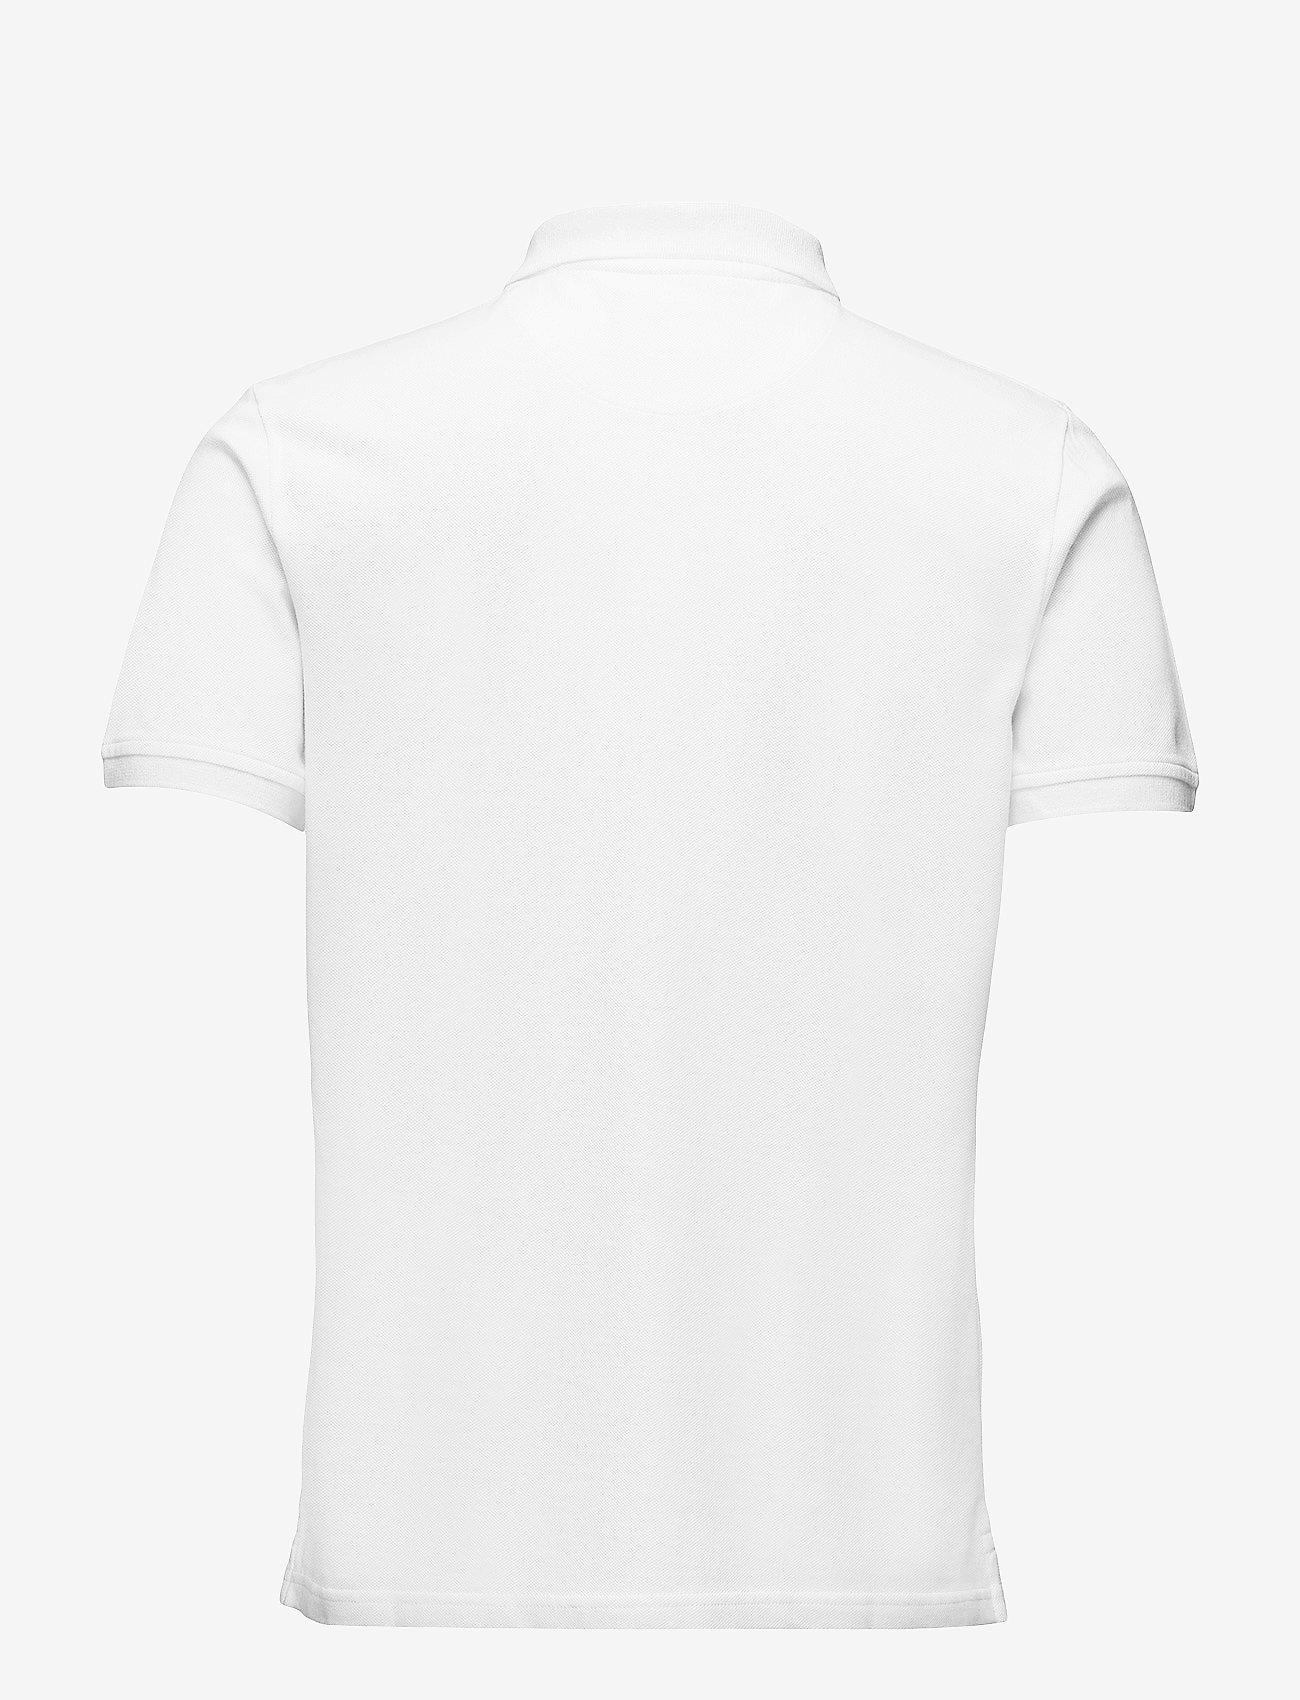 Lyle & Scott Polo Shirt - Poloskjorter WHITE - Menn Klær